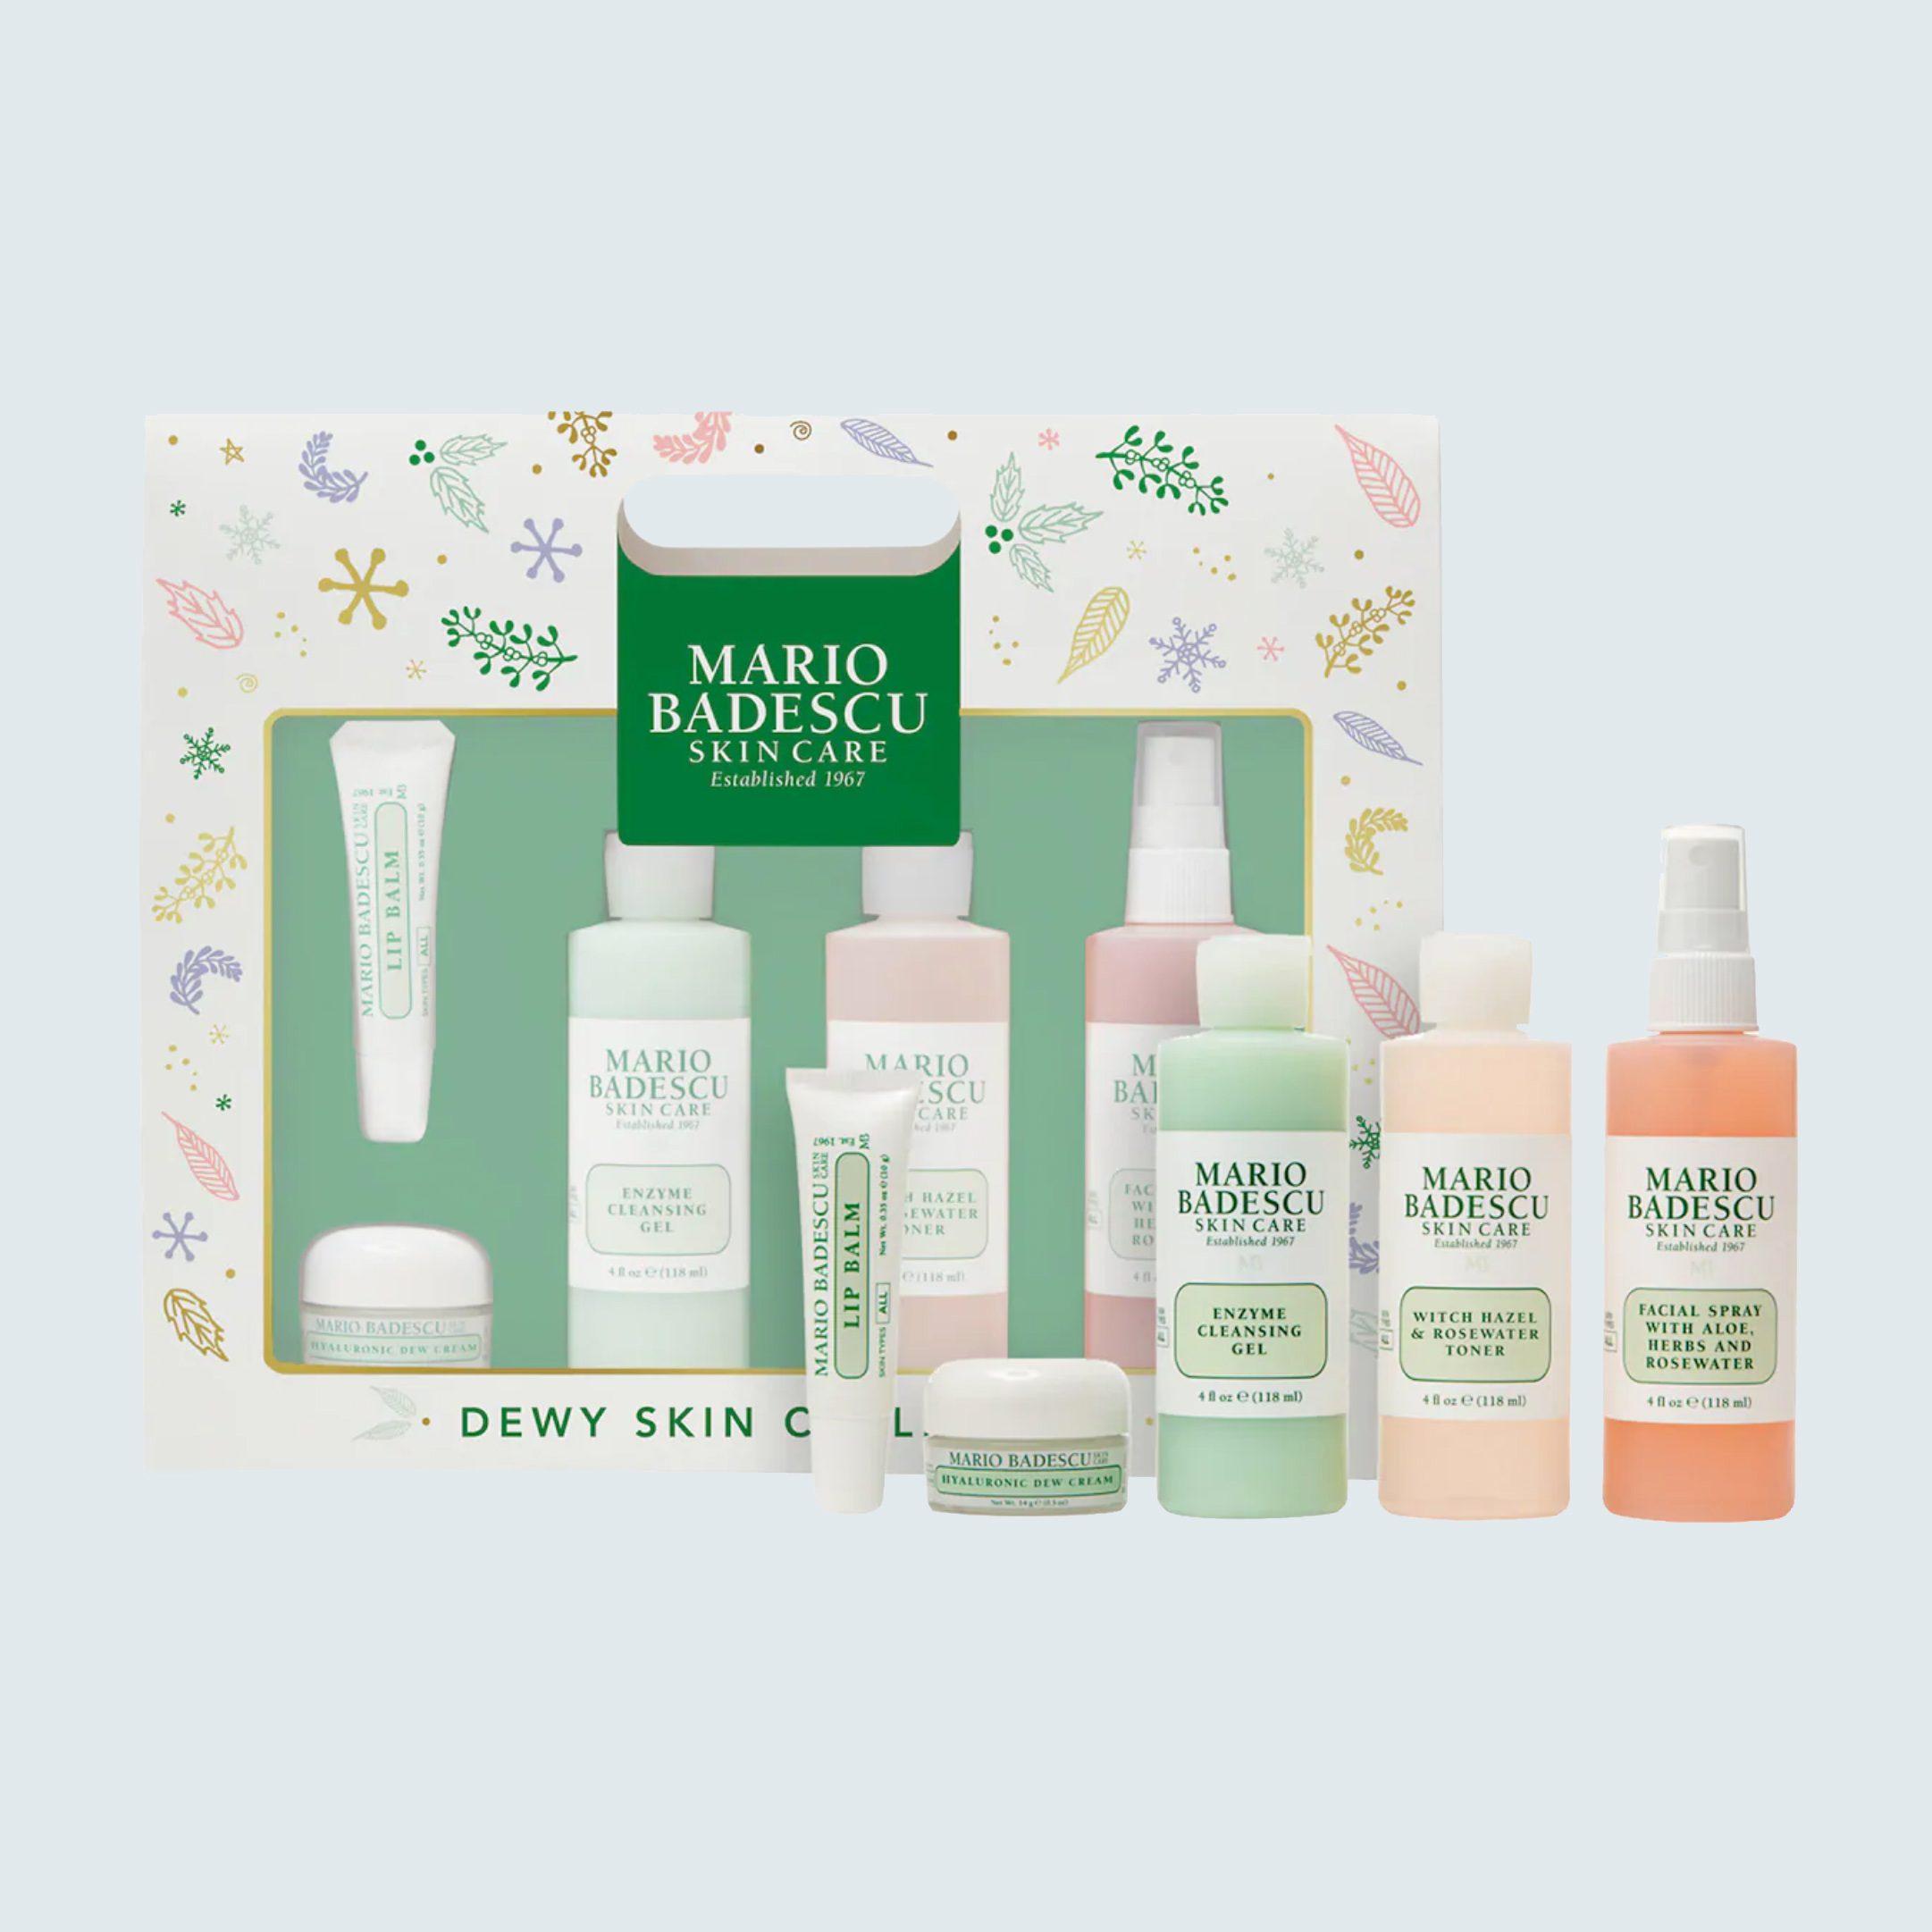 Mario Badescu Dewy Skin Collection